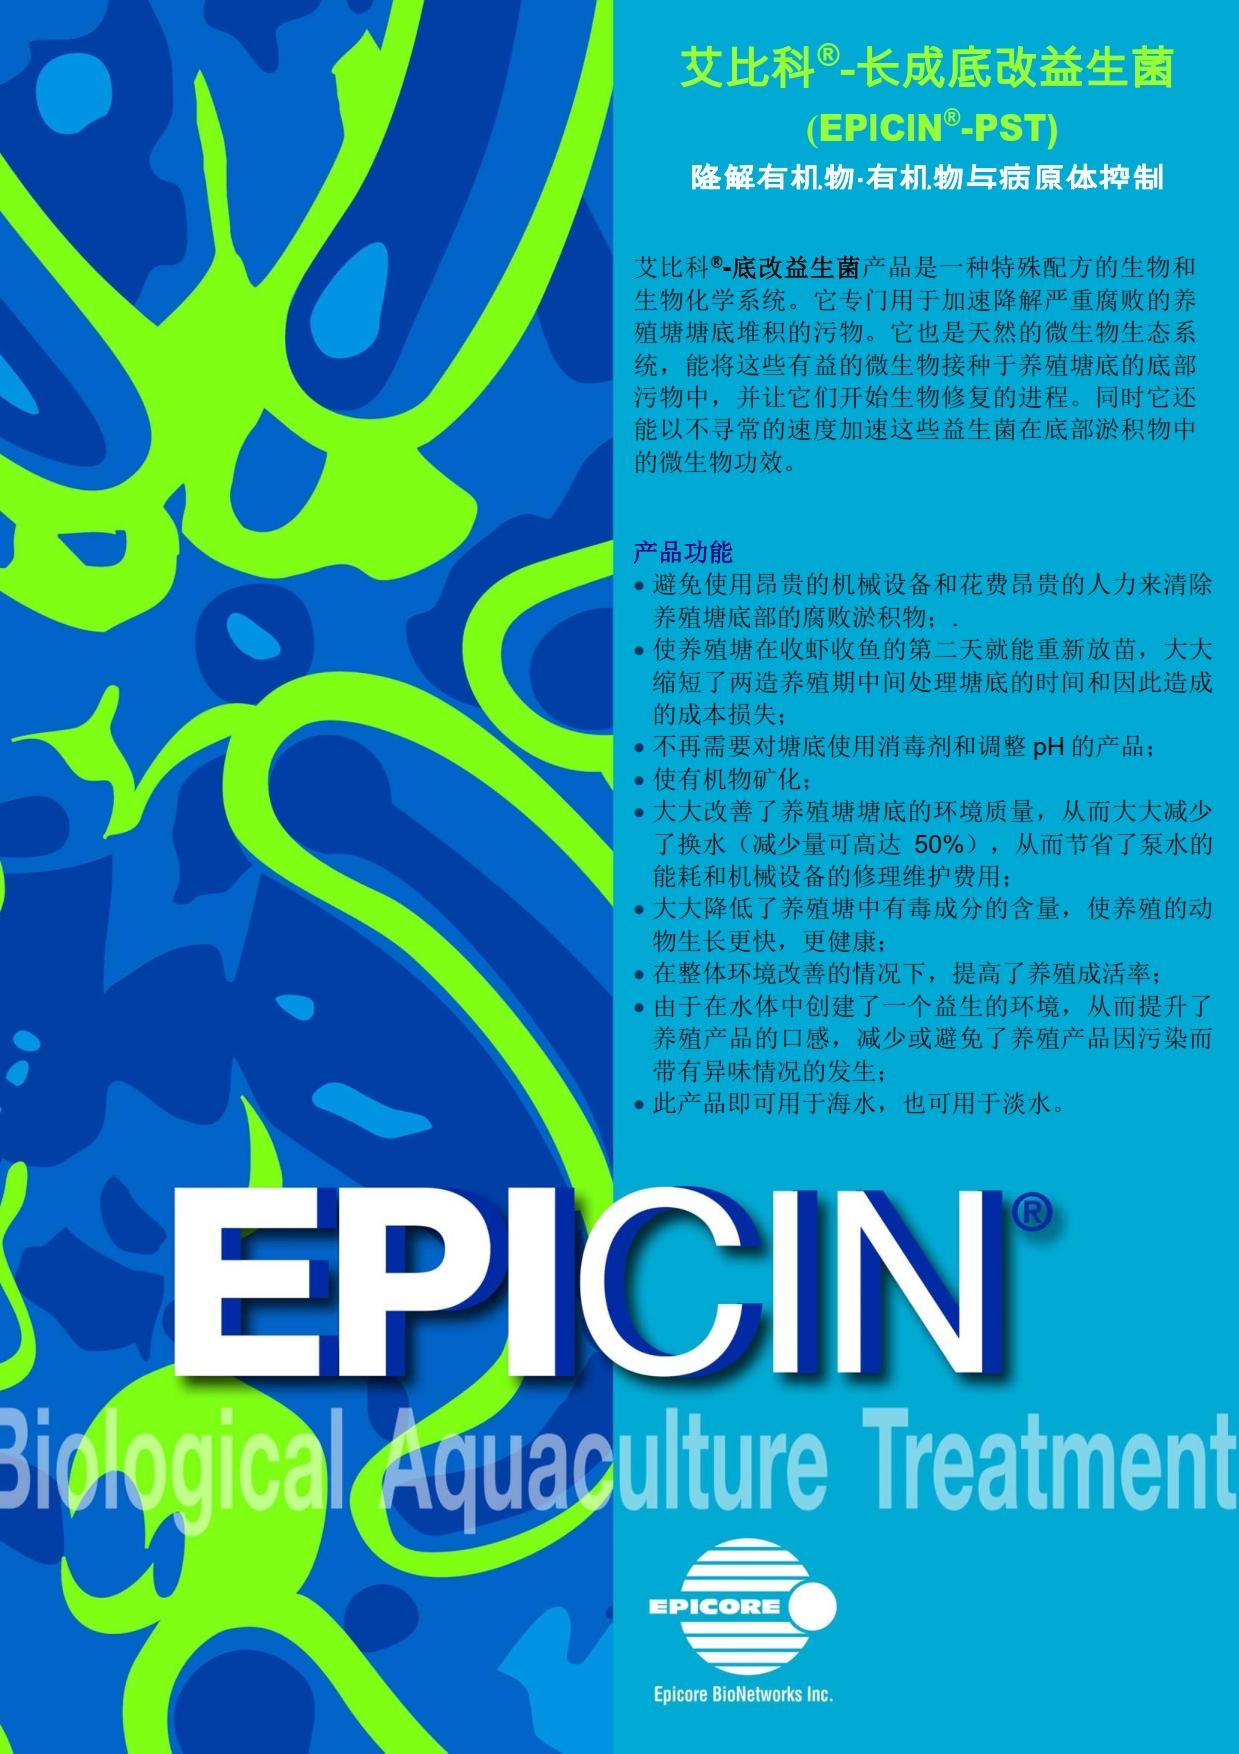 EPICIN-PST-2014-cn-V3b-web_001